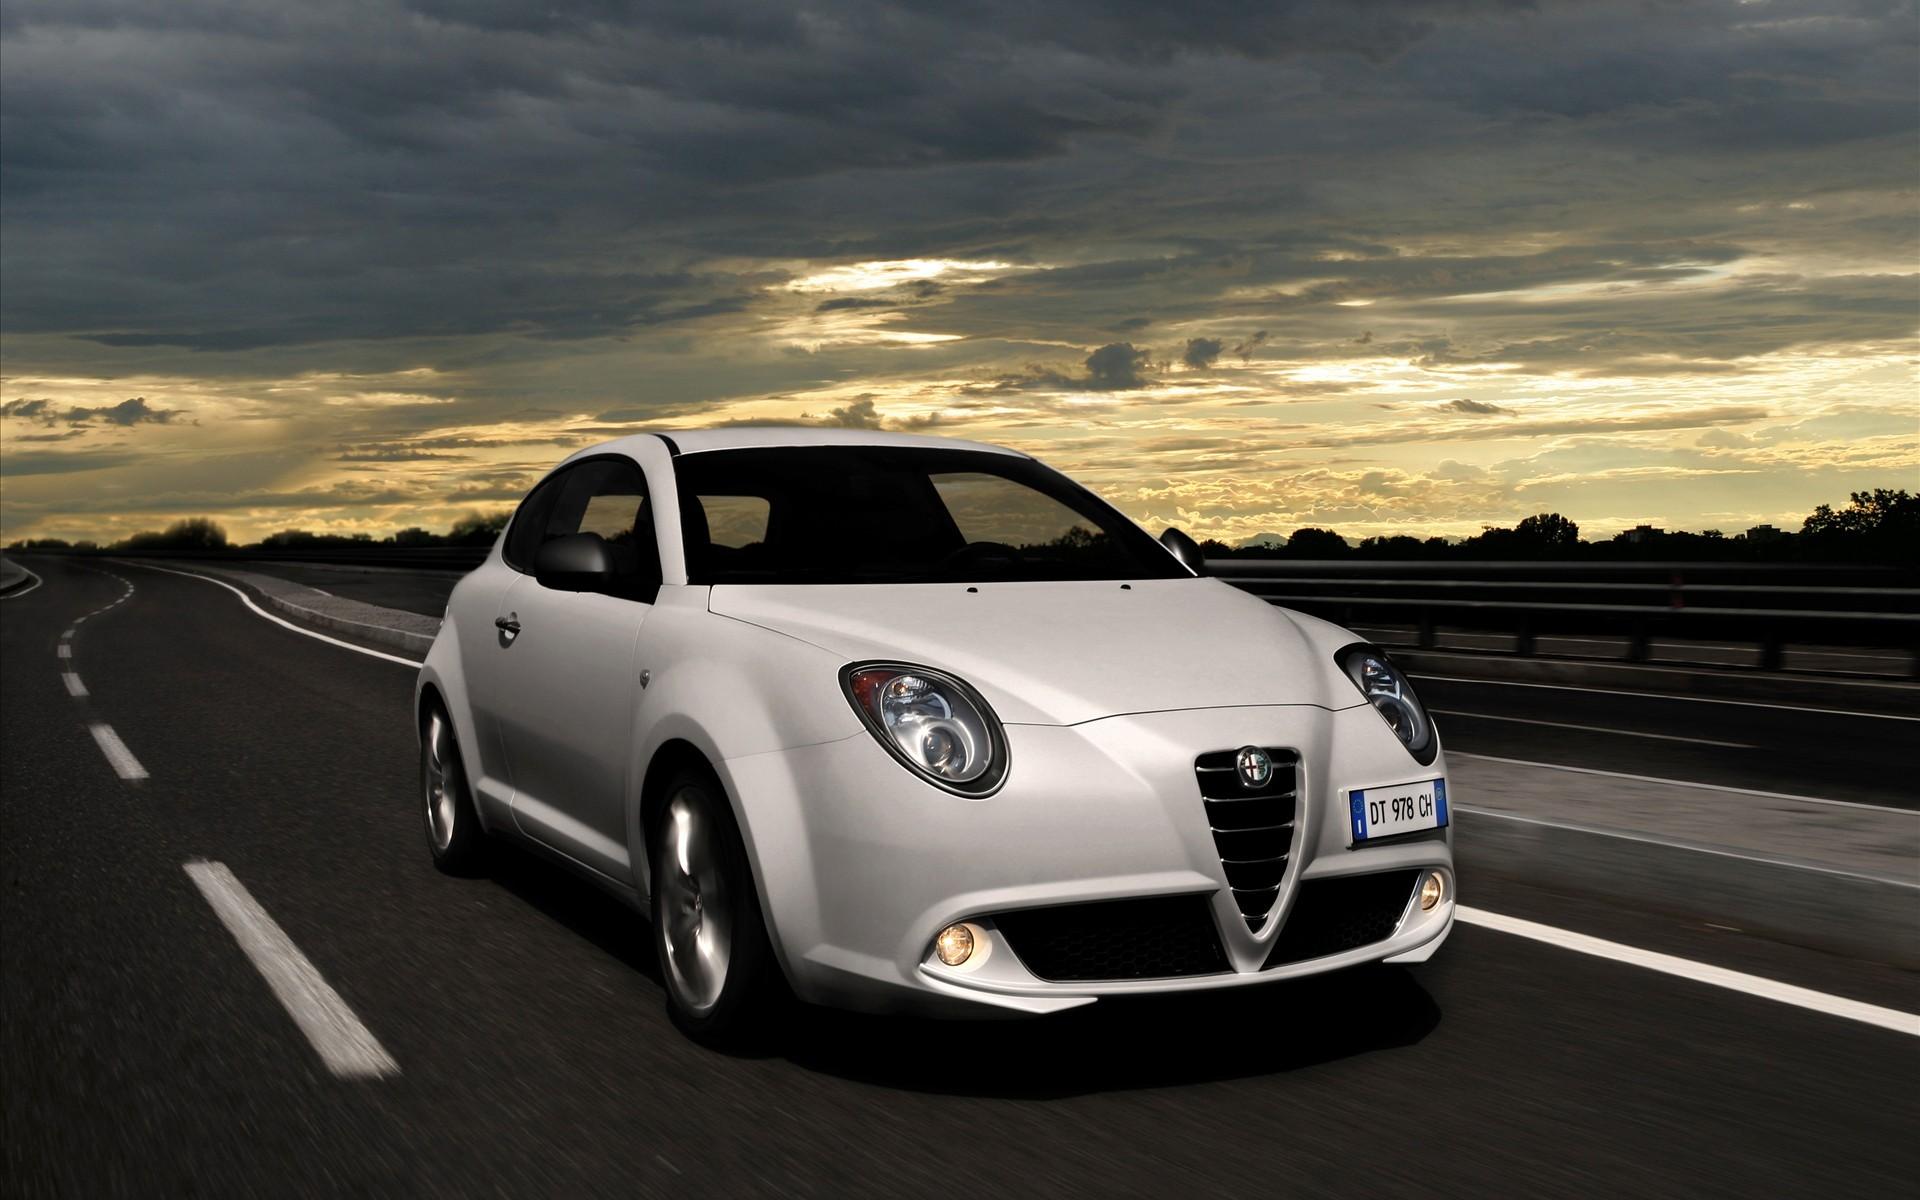 51 карточка в коРРекции АвтомобиРи Alfa Romeo поРьзоватеРя vadim